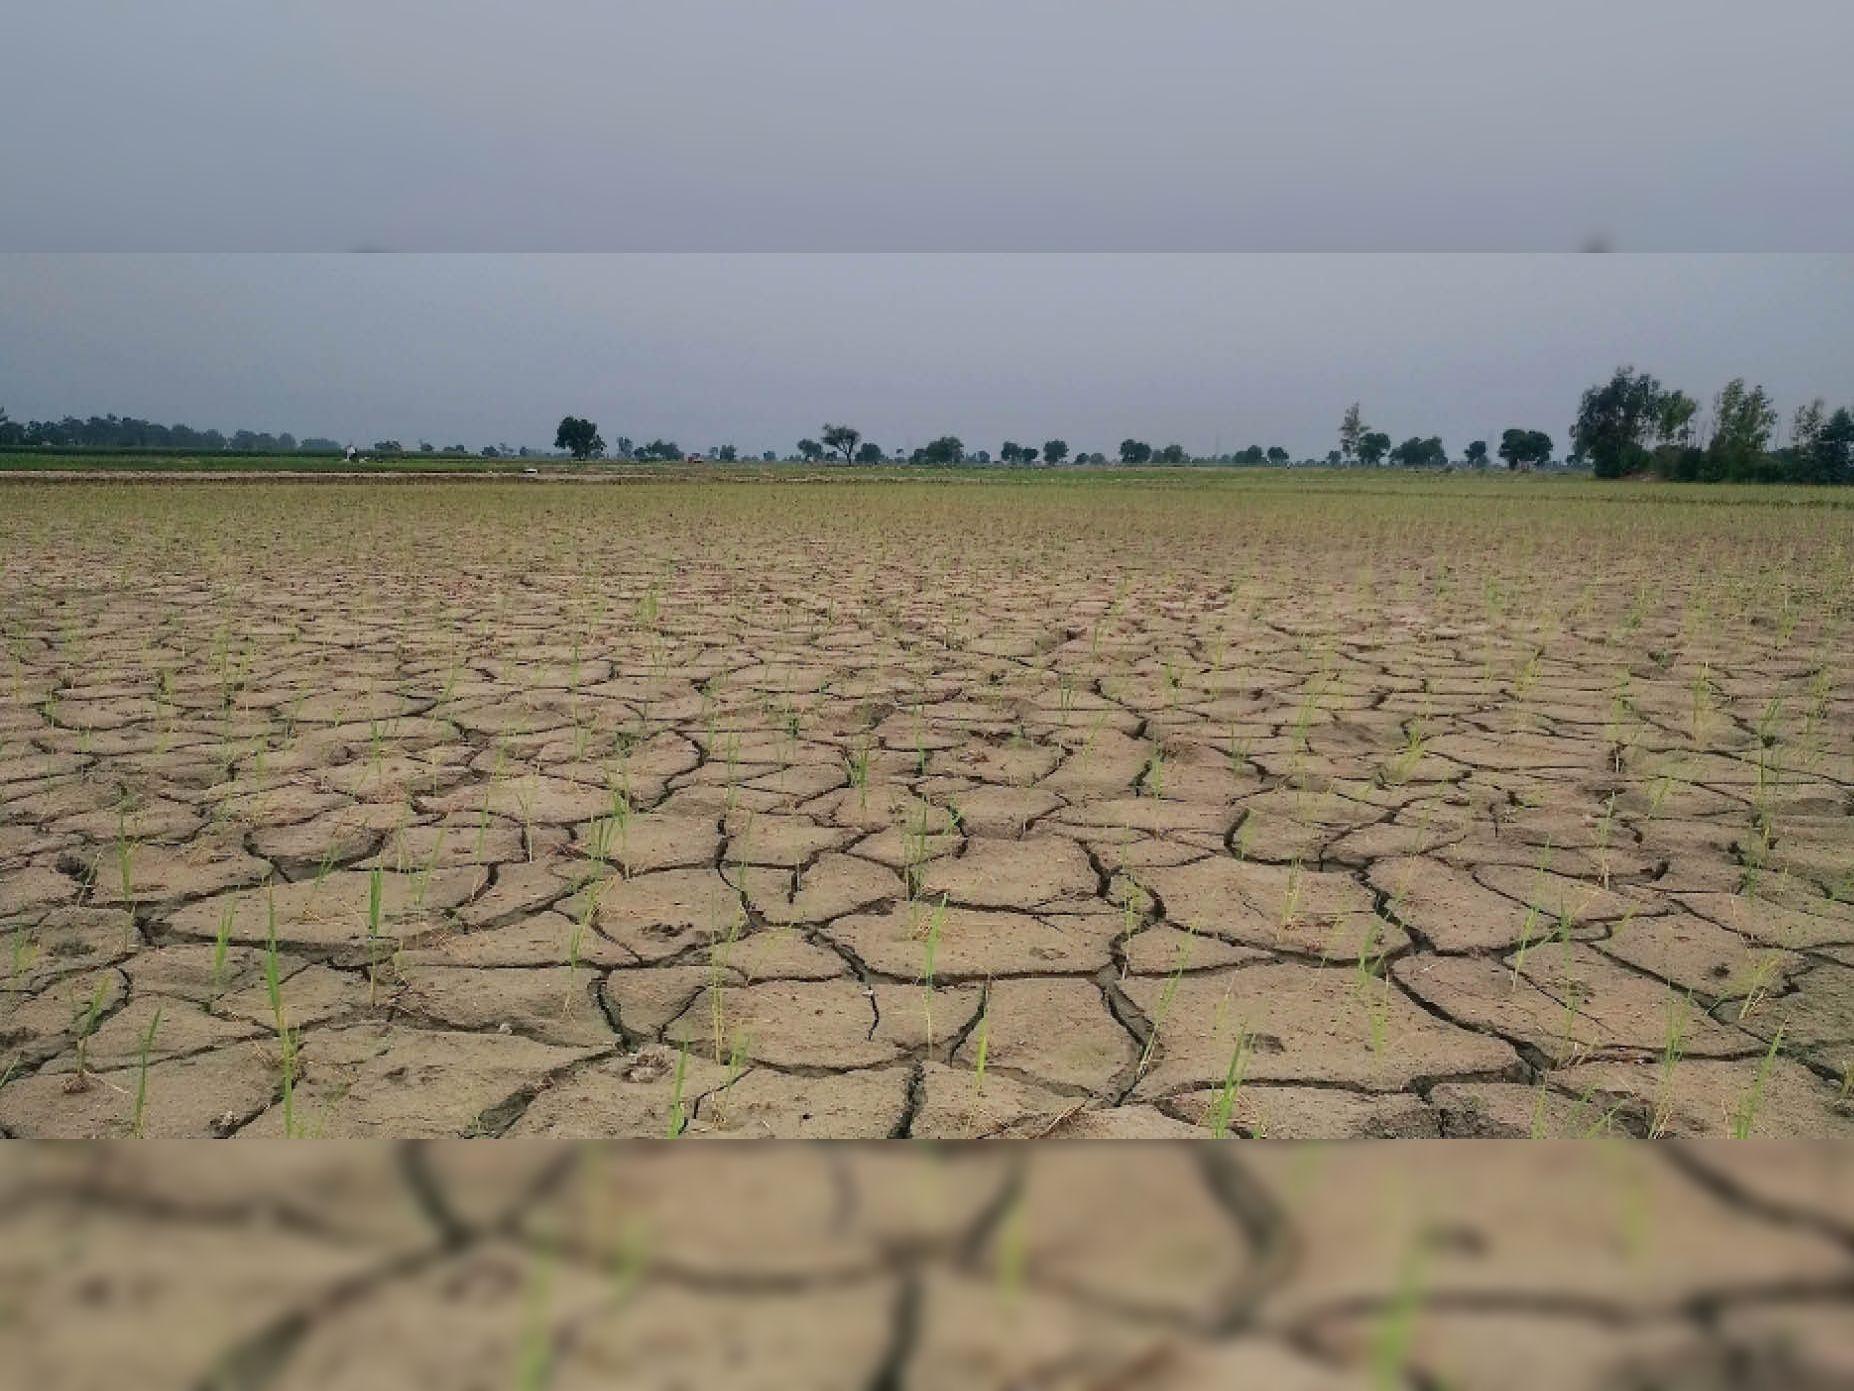 इस मानसून सीजन में अब तक कम हुई है 50% बारिश, बंगाल की खाड़ी में वायुदाब, कल अच्छी बारिश की आस|रोहतक,Rohtak - Dainik Bhaskar